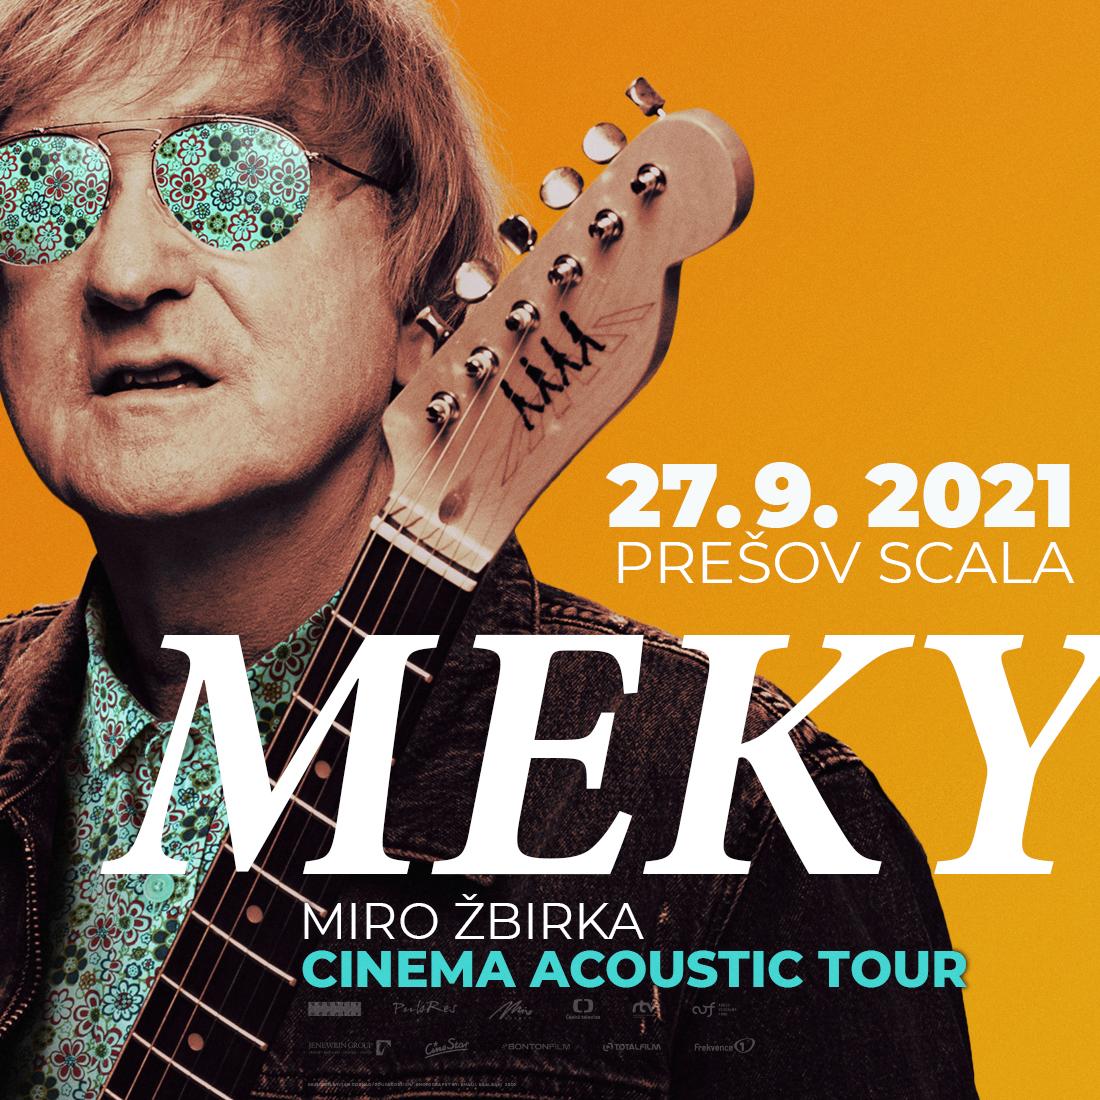 picture Miro Žbirka Cinema Acoustic Tour